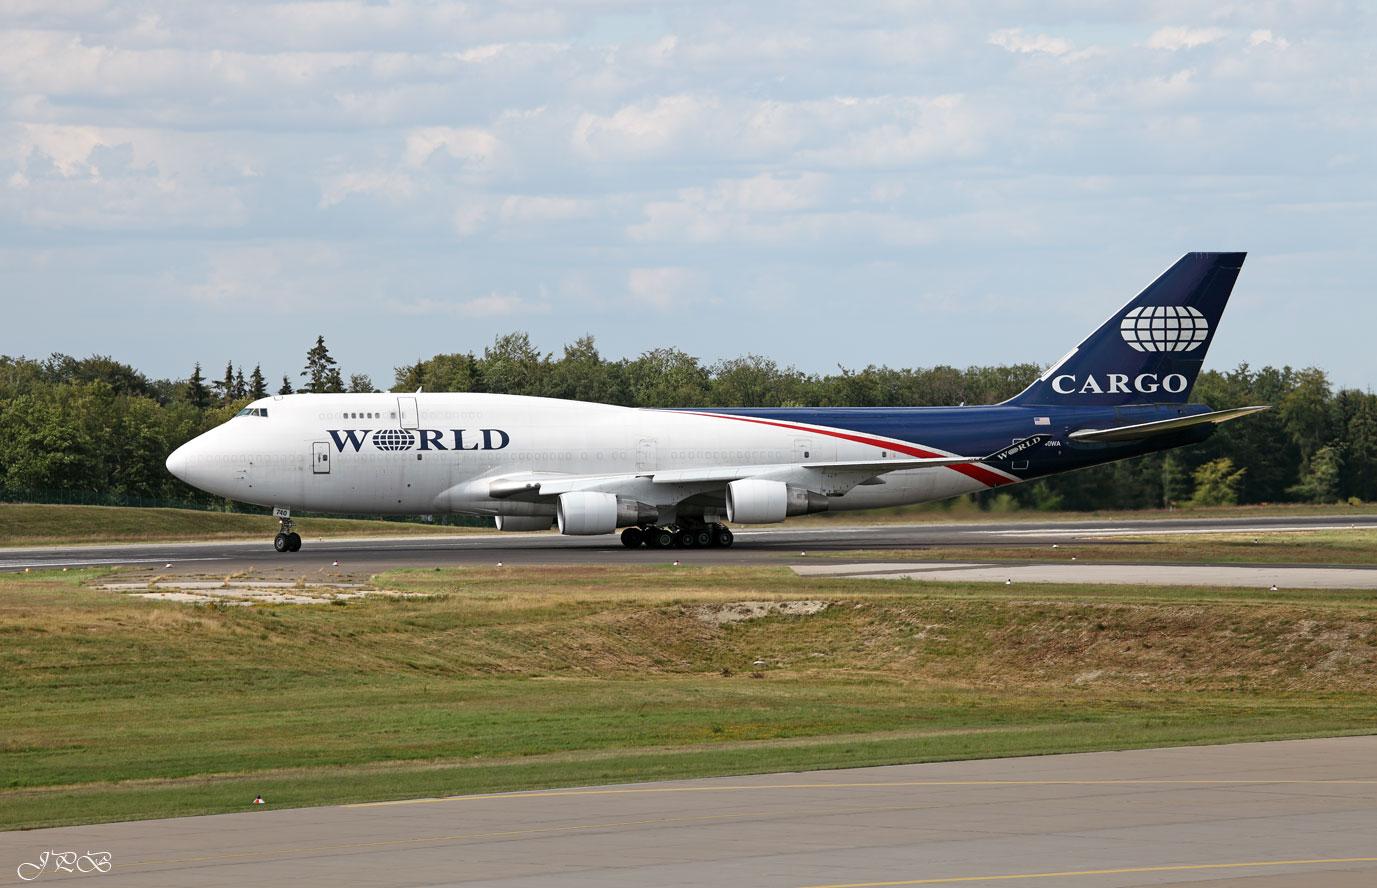 World cargo boeing 747 400 bdsf foto bild motive luft for Interieur 747 cargo